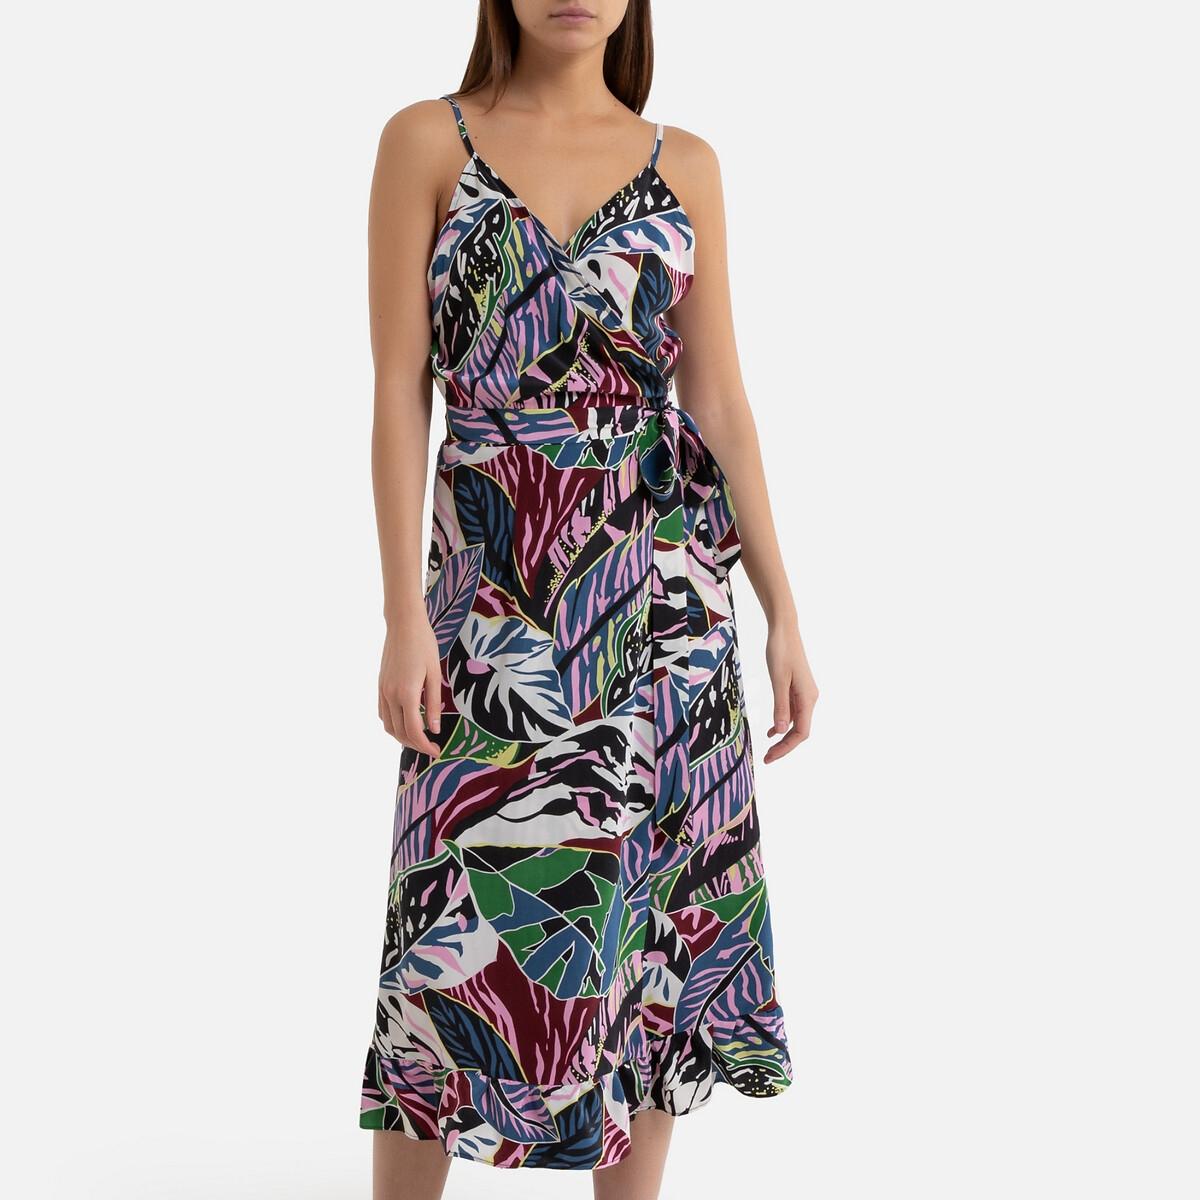 Платье LA REDOUTE 35018793511 мультиколор цвета – цена 21509 ₽ в интернет-магазине La Redoute | купить в Москве, бесплатная доставка по РФ